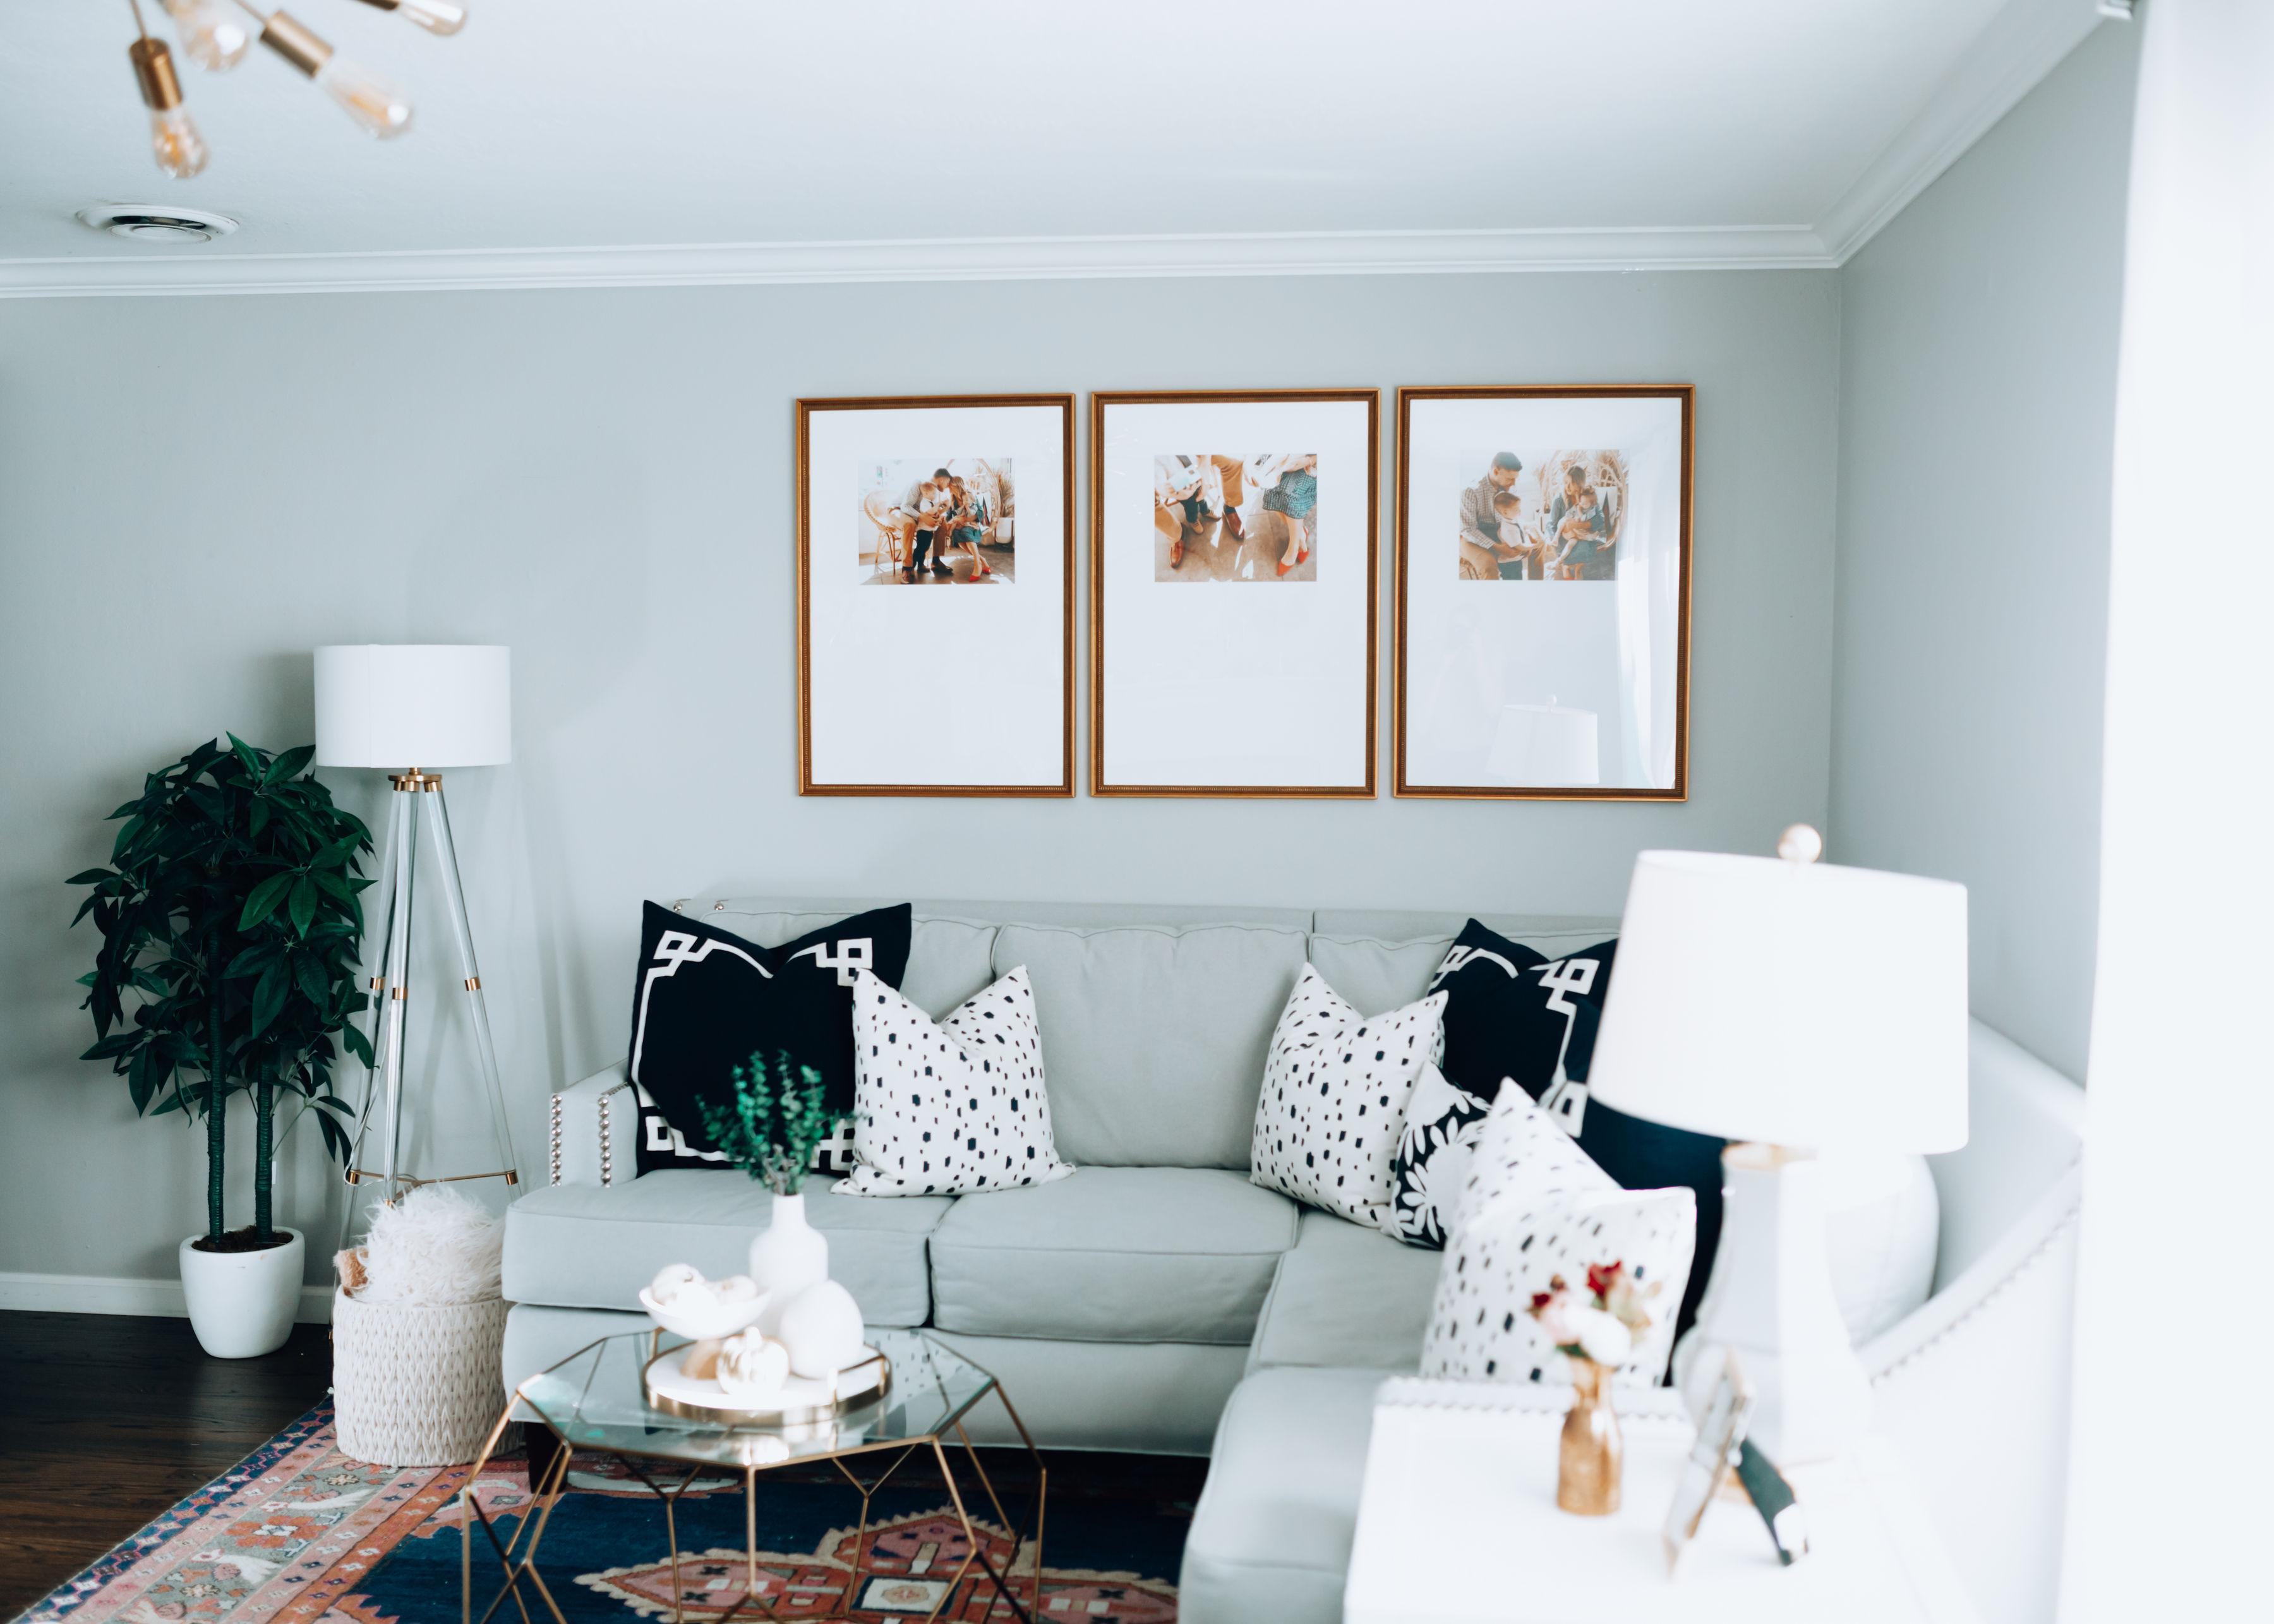 Framebridge Photo Frame Gallery Wall Living Room For The Love